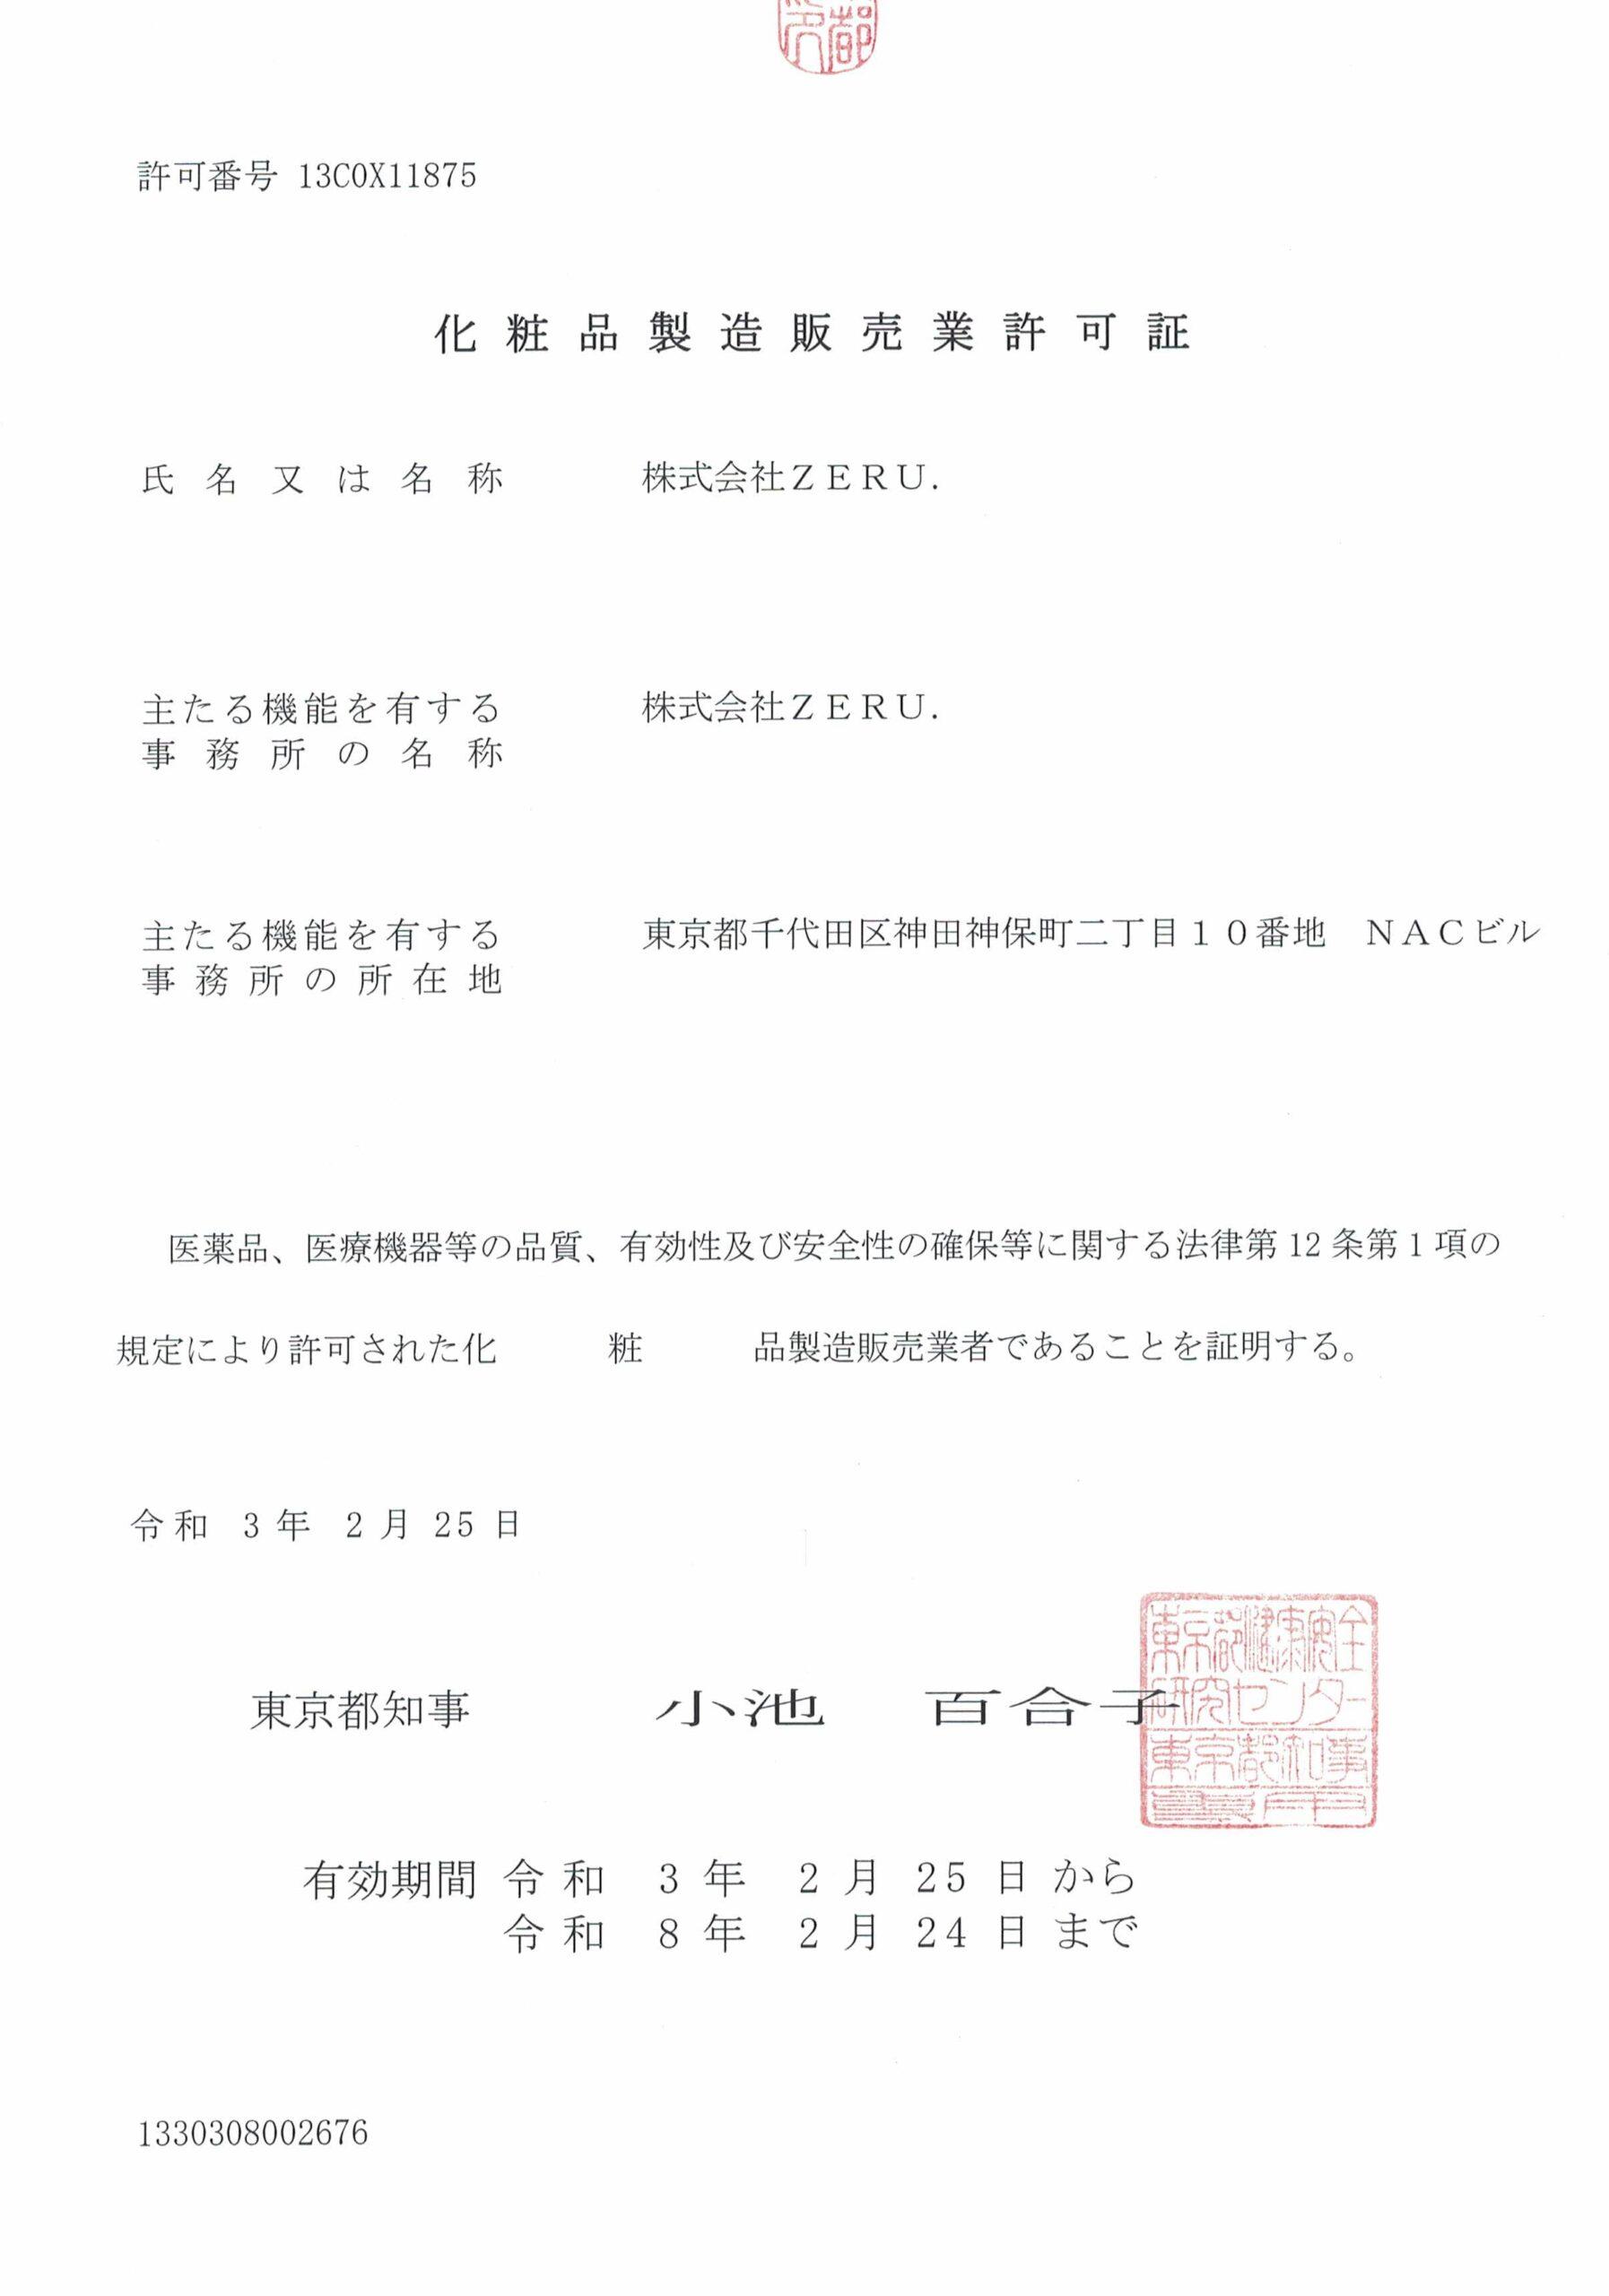 業許可証_化粧品製造販売業許可証